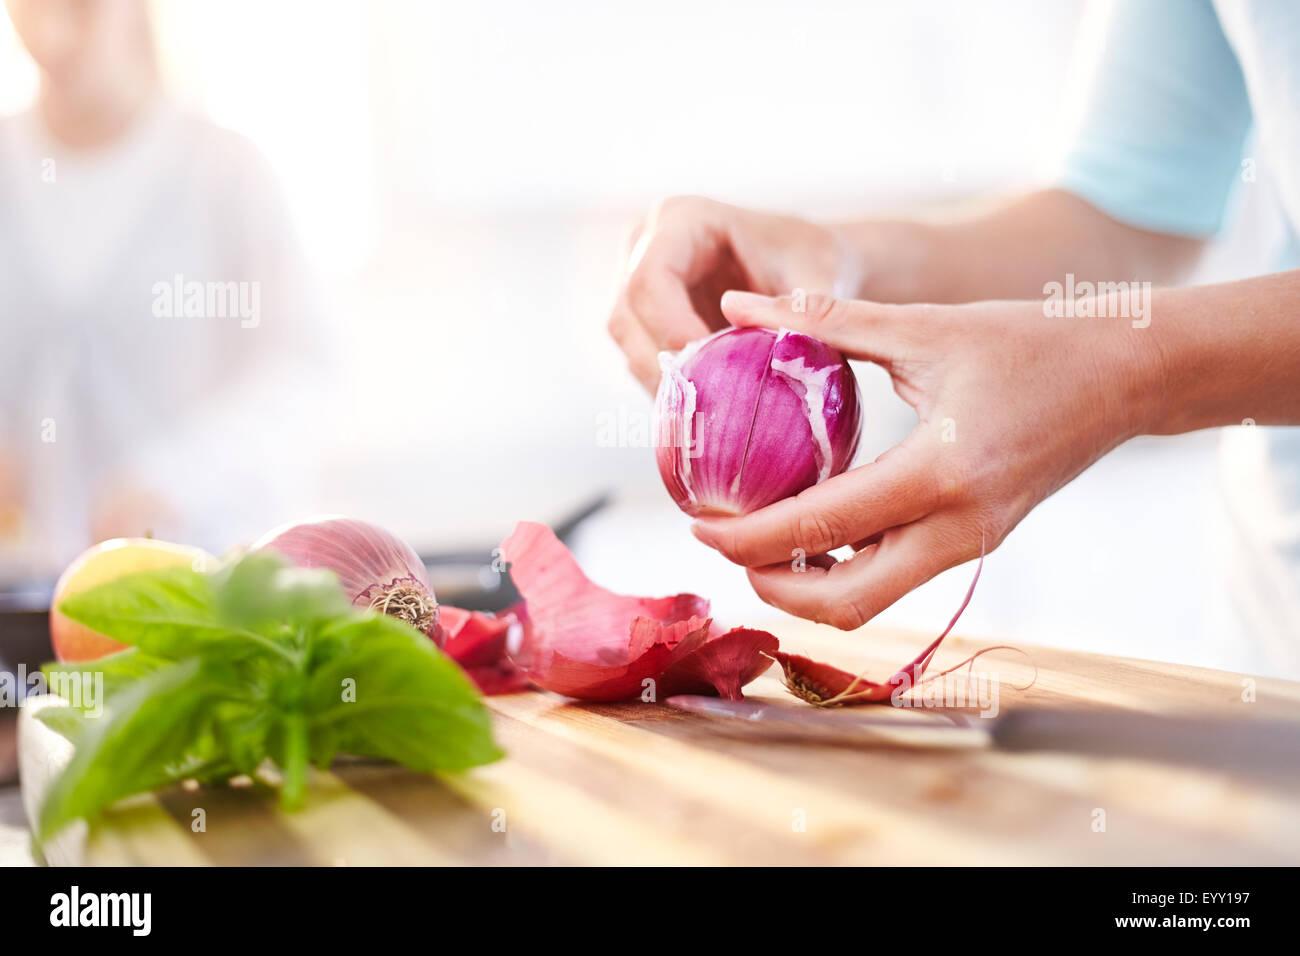 Woman peeling oignon rouge dans la cuisine Photo Stock